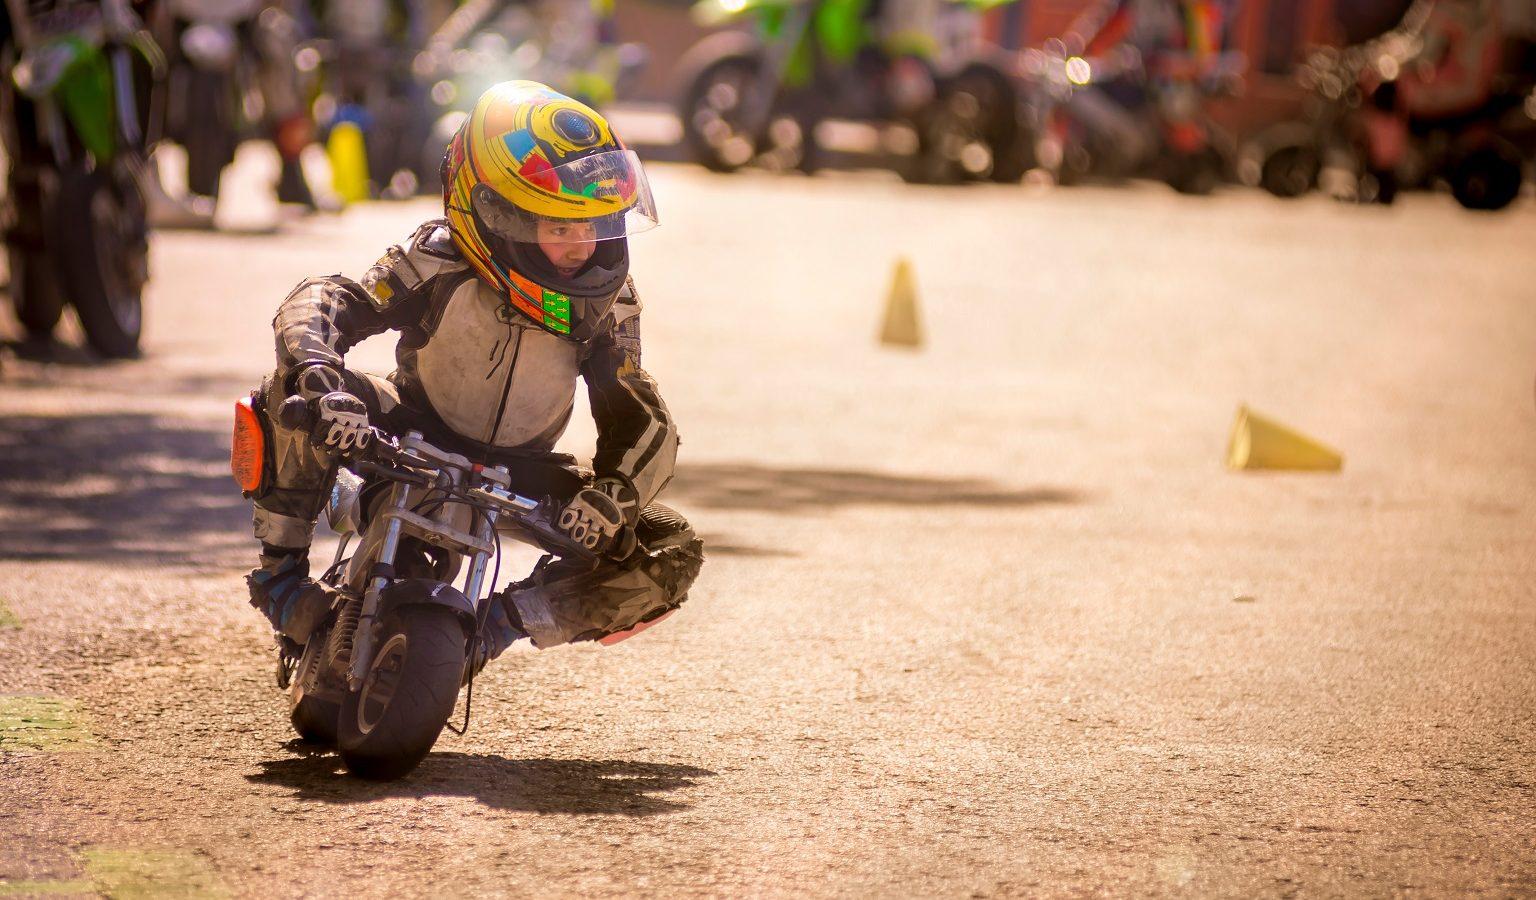 Best Dirt Bikes for Kids